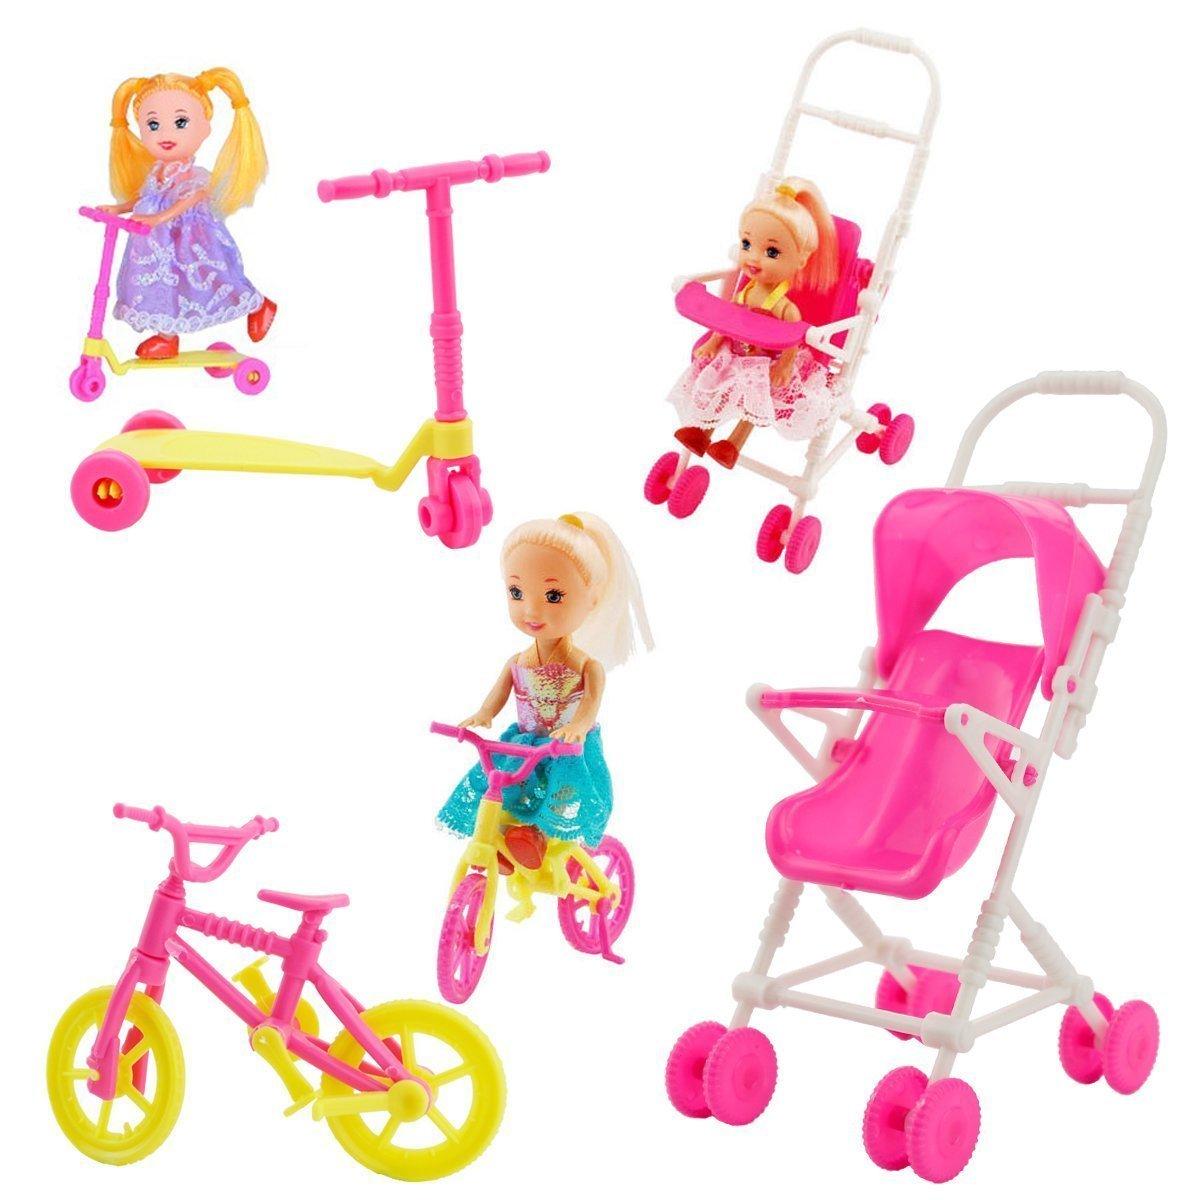 Accesorios mu/ñecas Barbie 16 pcs Verano Faldas Vestidos /& 98 Accesorio de Barbie Navidad Regalo de cumplea/ños para ni/ñas Mattelsen Accesorios de Vestir para Barbie